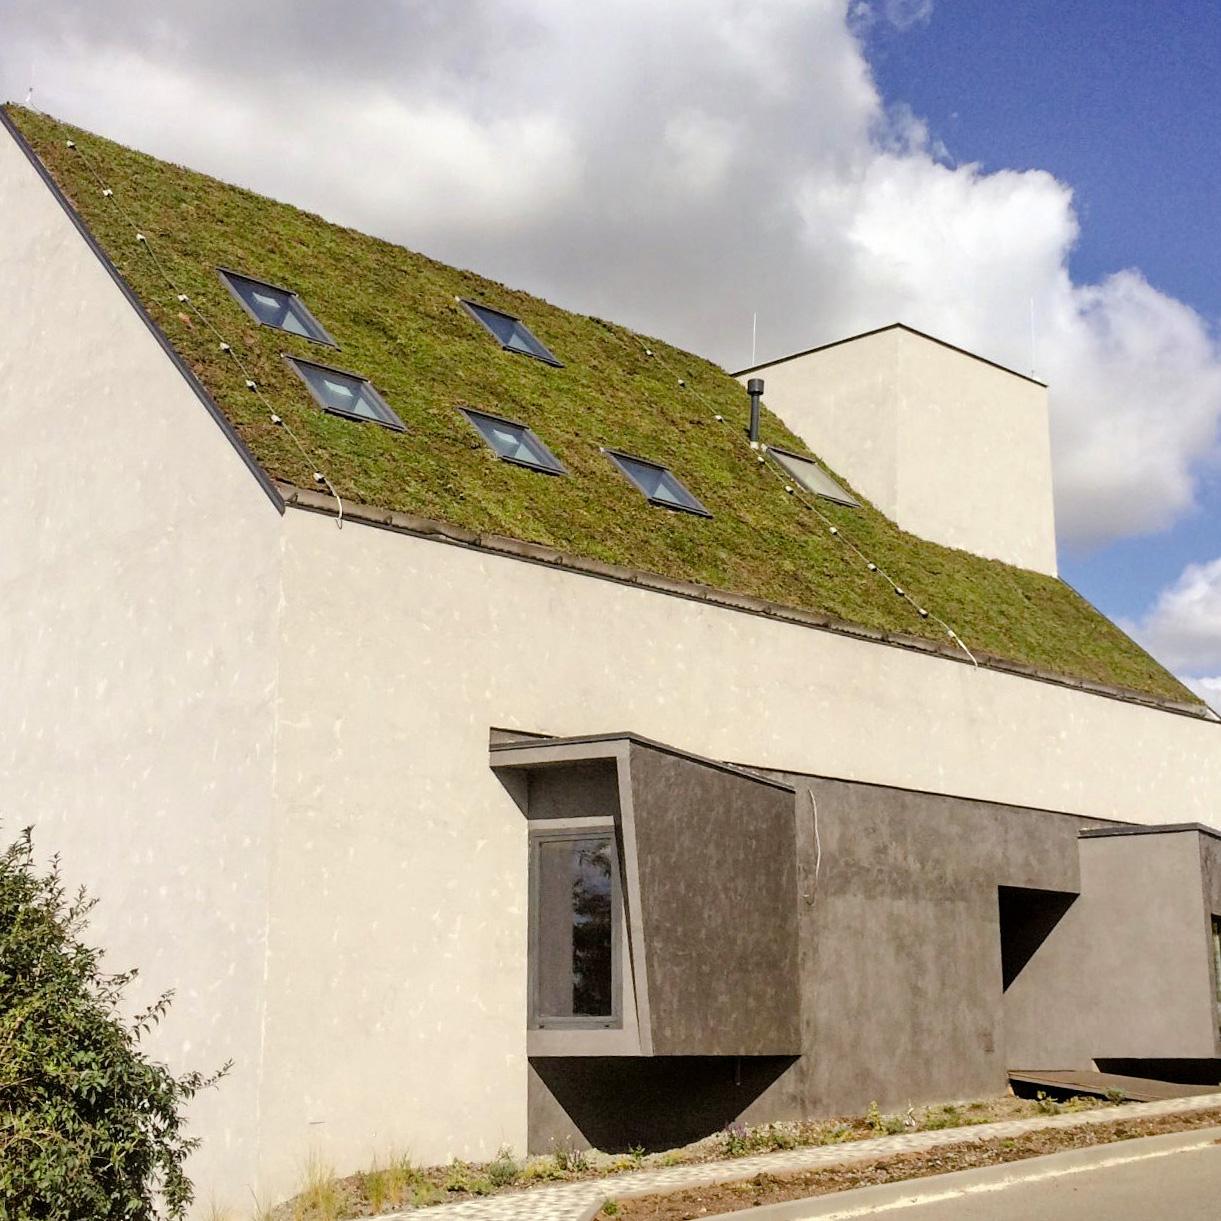 Šikmé zelené střechy